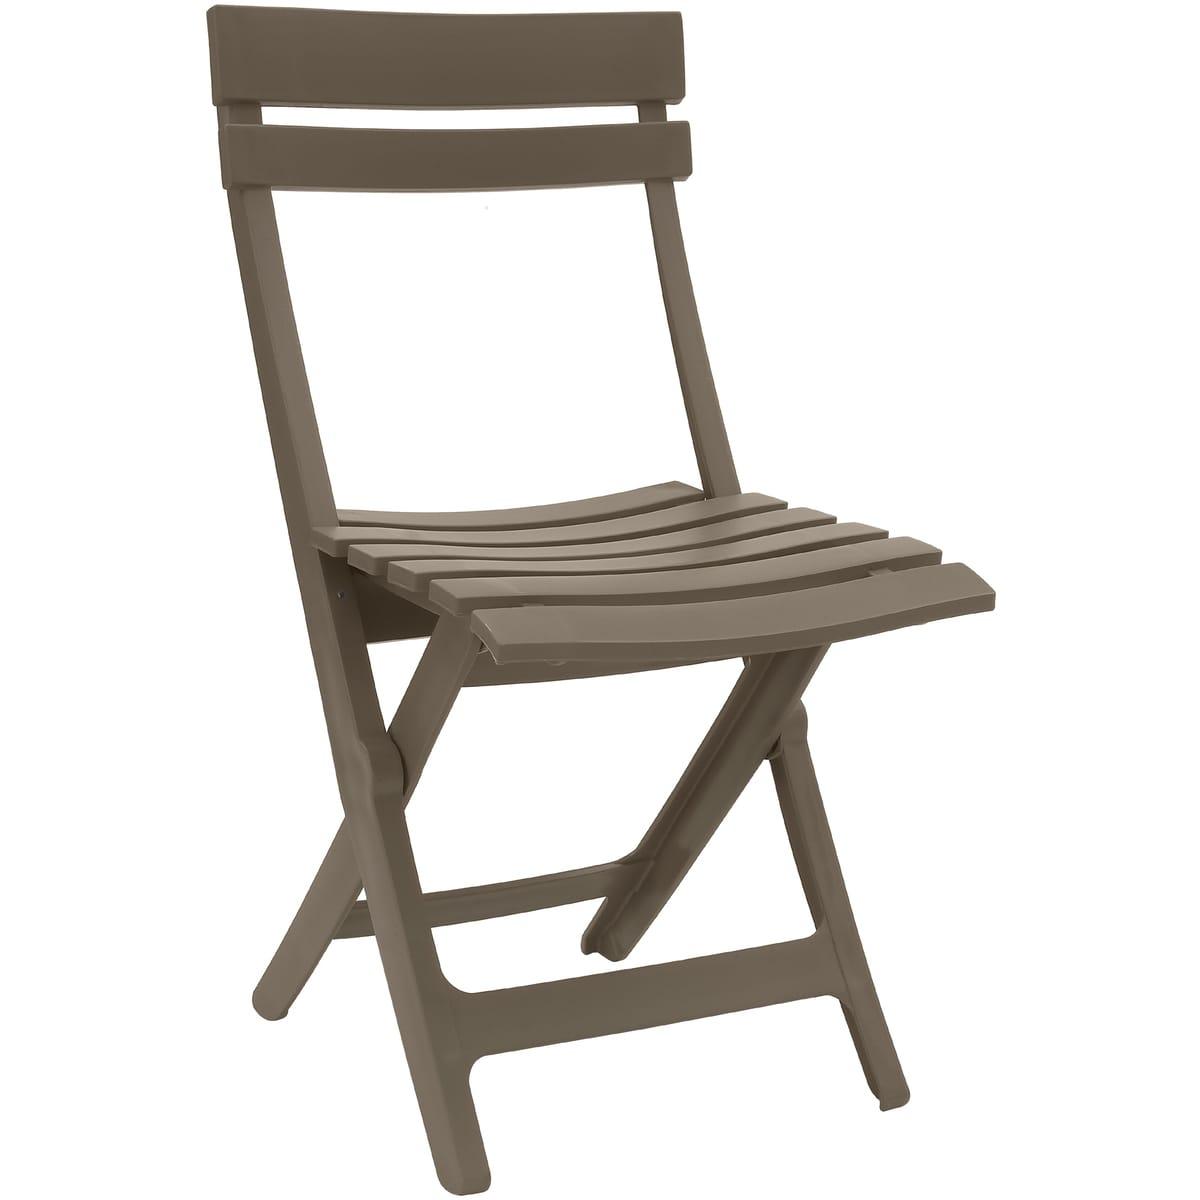 Grosfillex Chaise De Jardin Pliante Résine Miami Taupe tout Auchan Chaise De Jardin